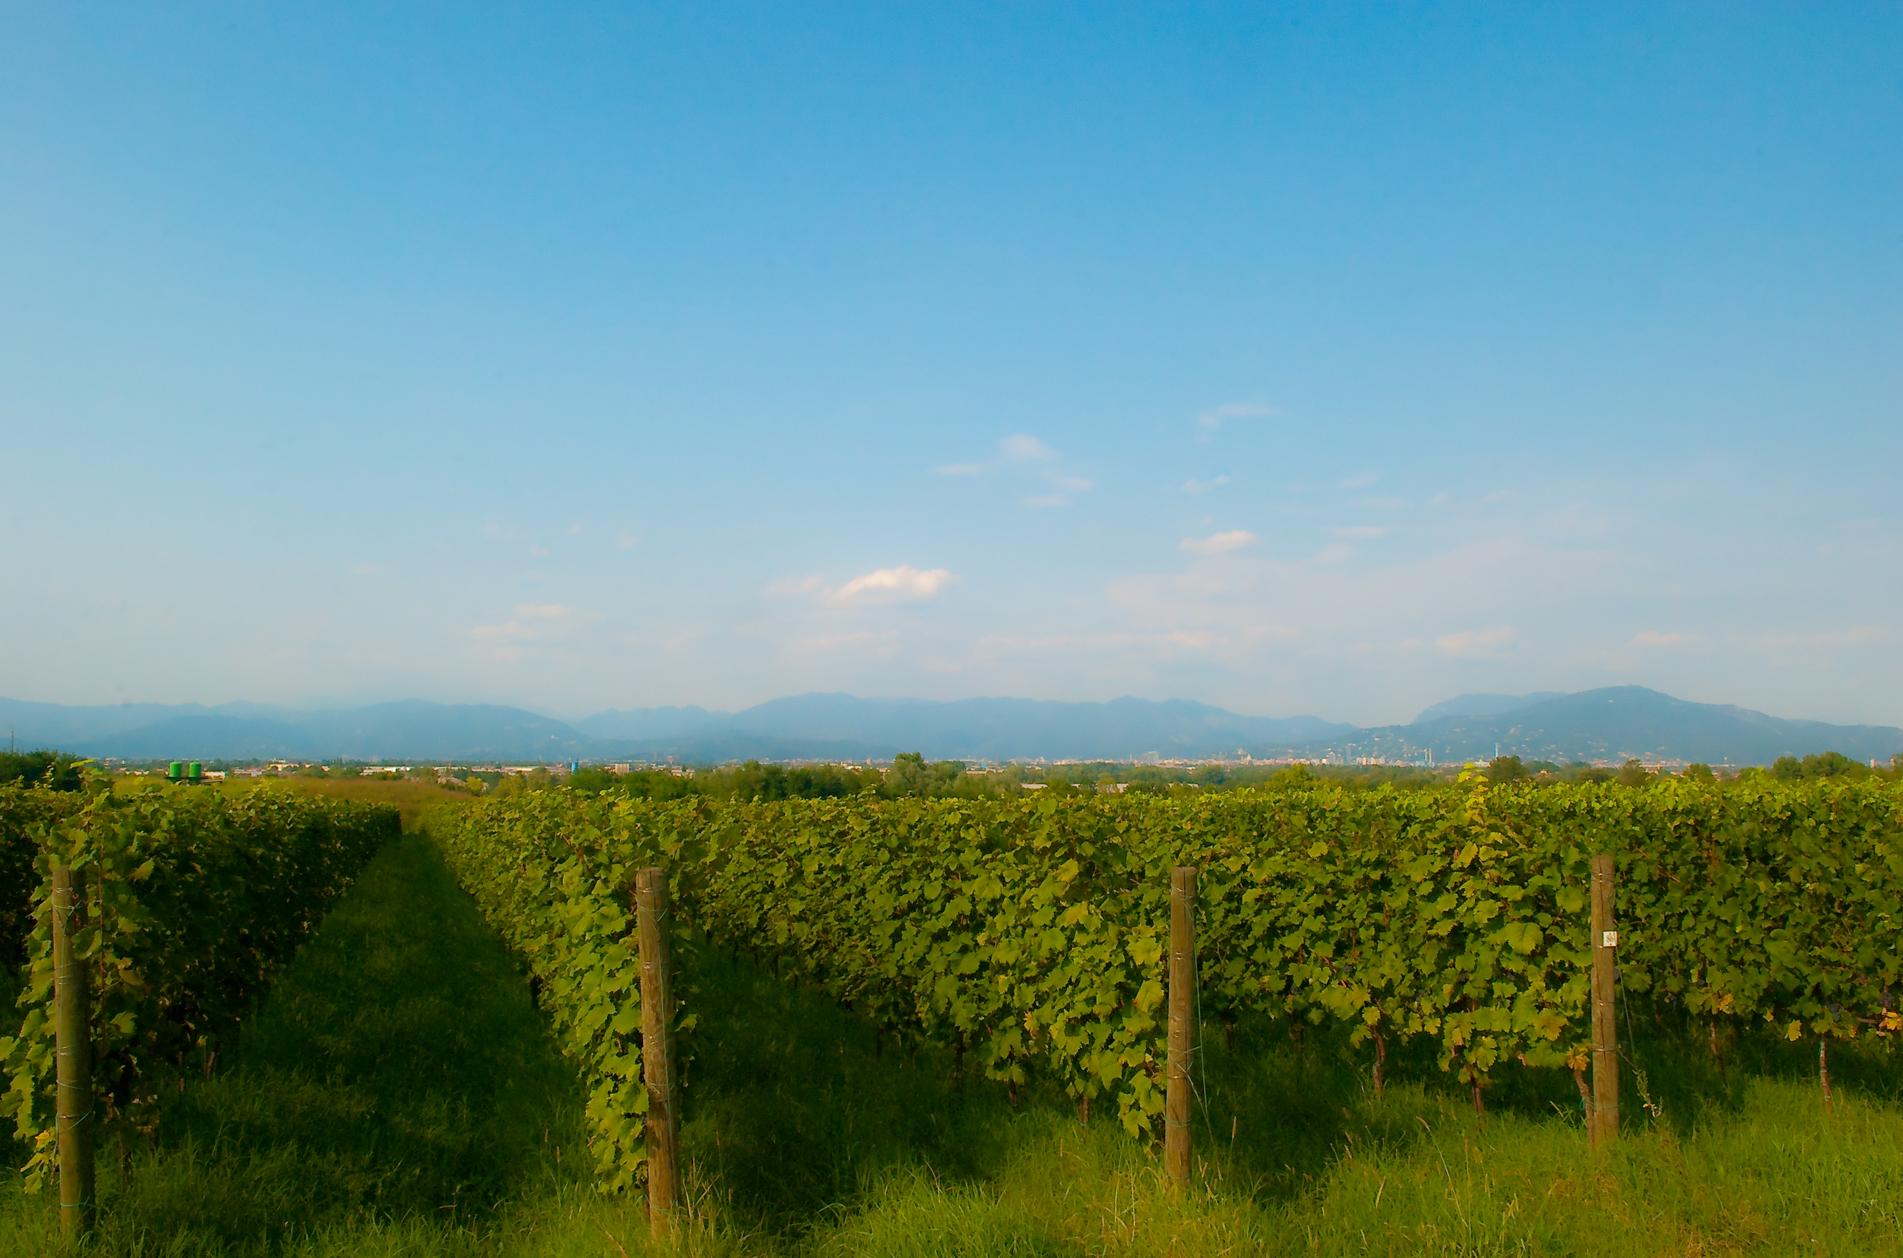 Monte_Netto_-_Settembre_2010_-_panoramio-1.jpg